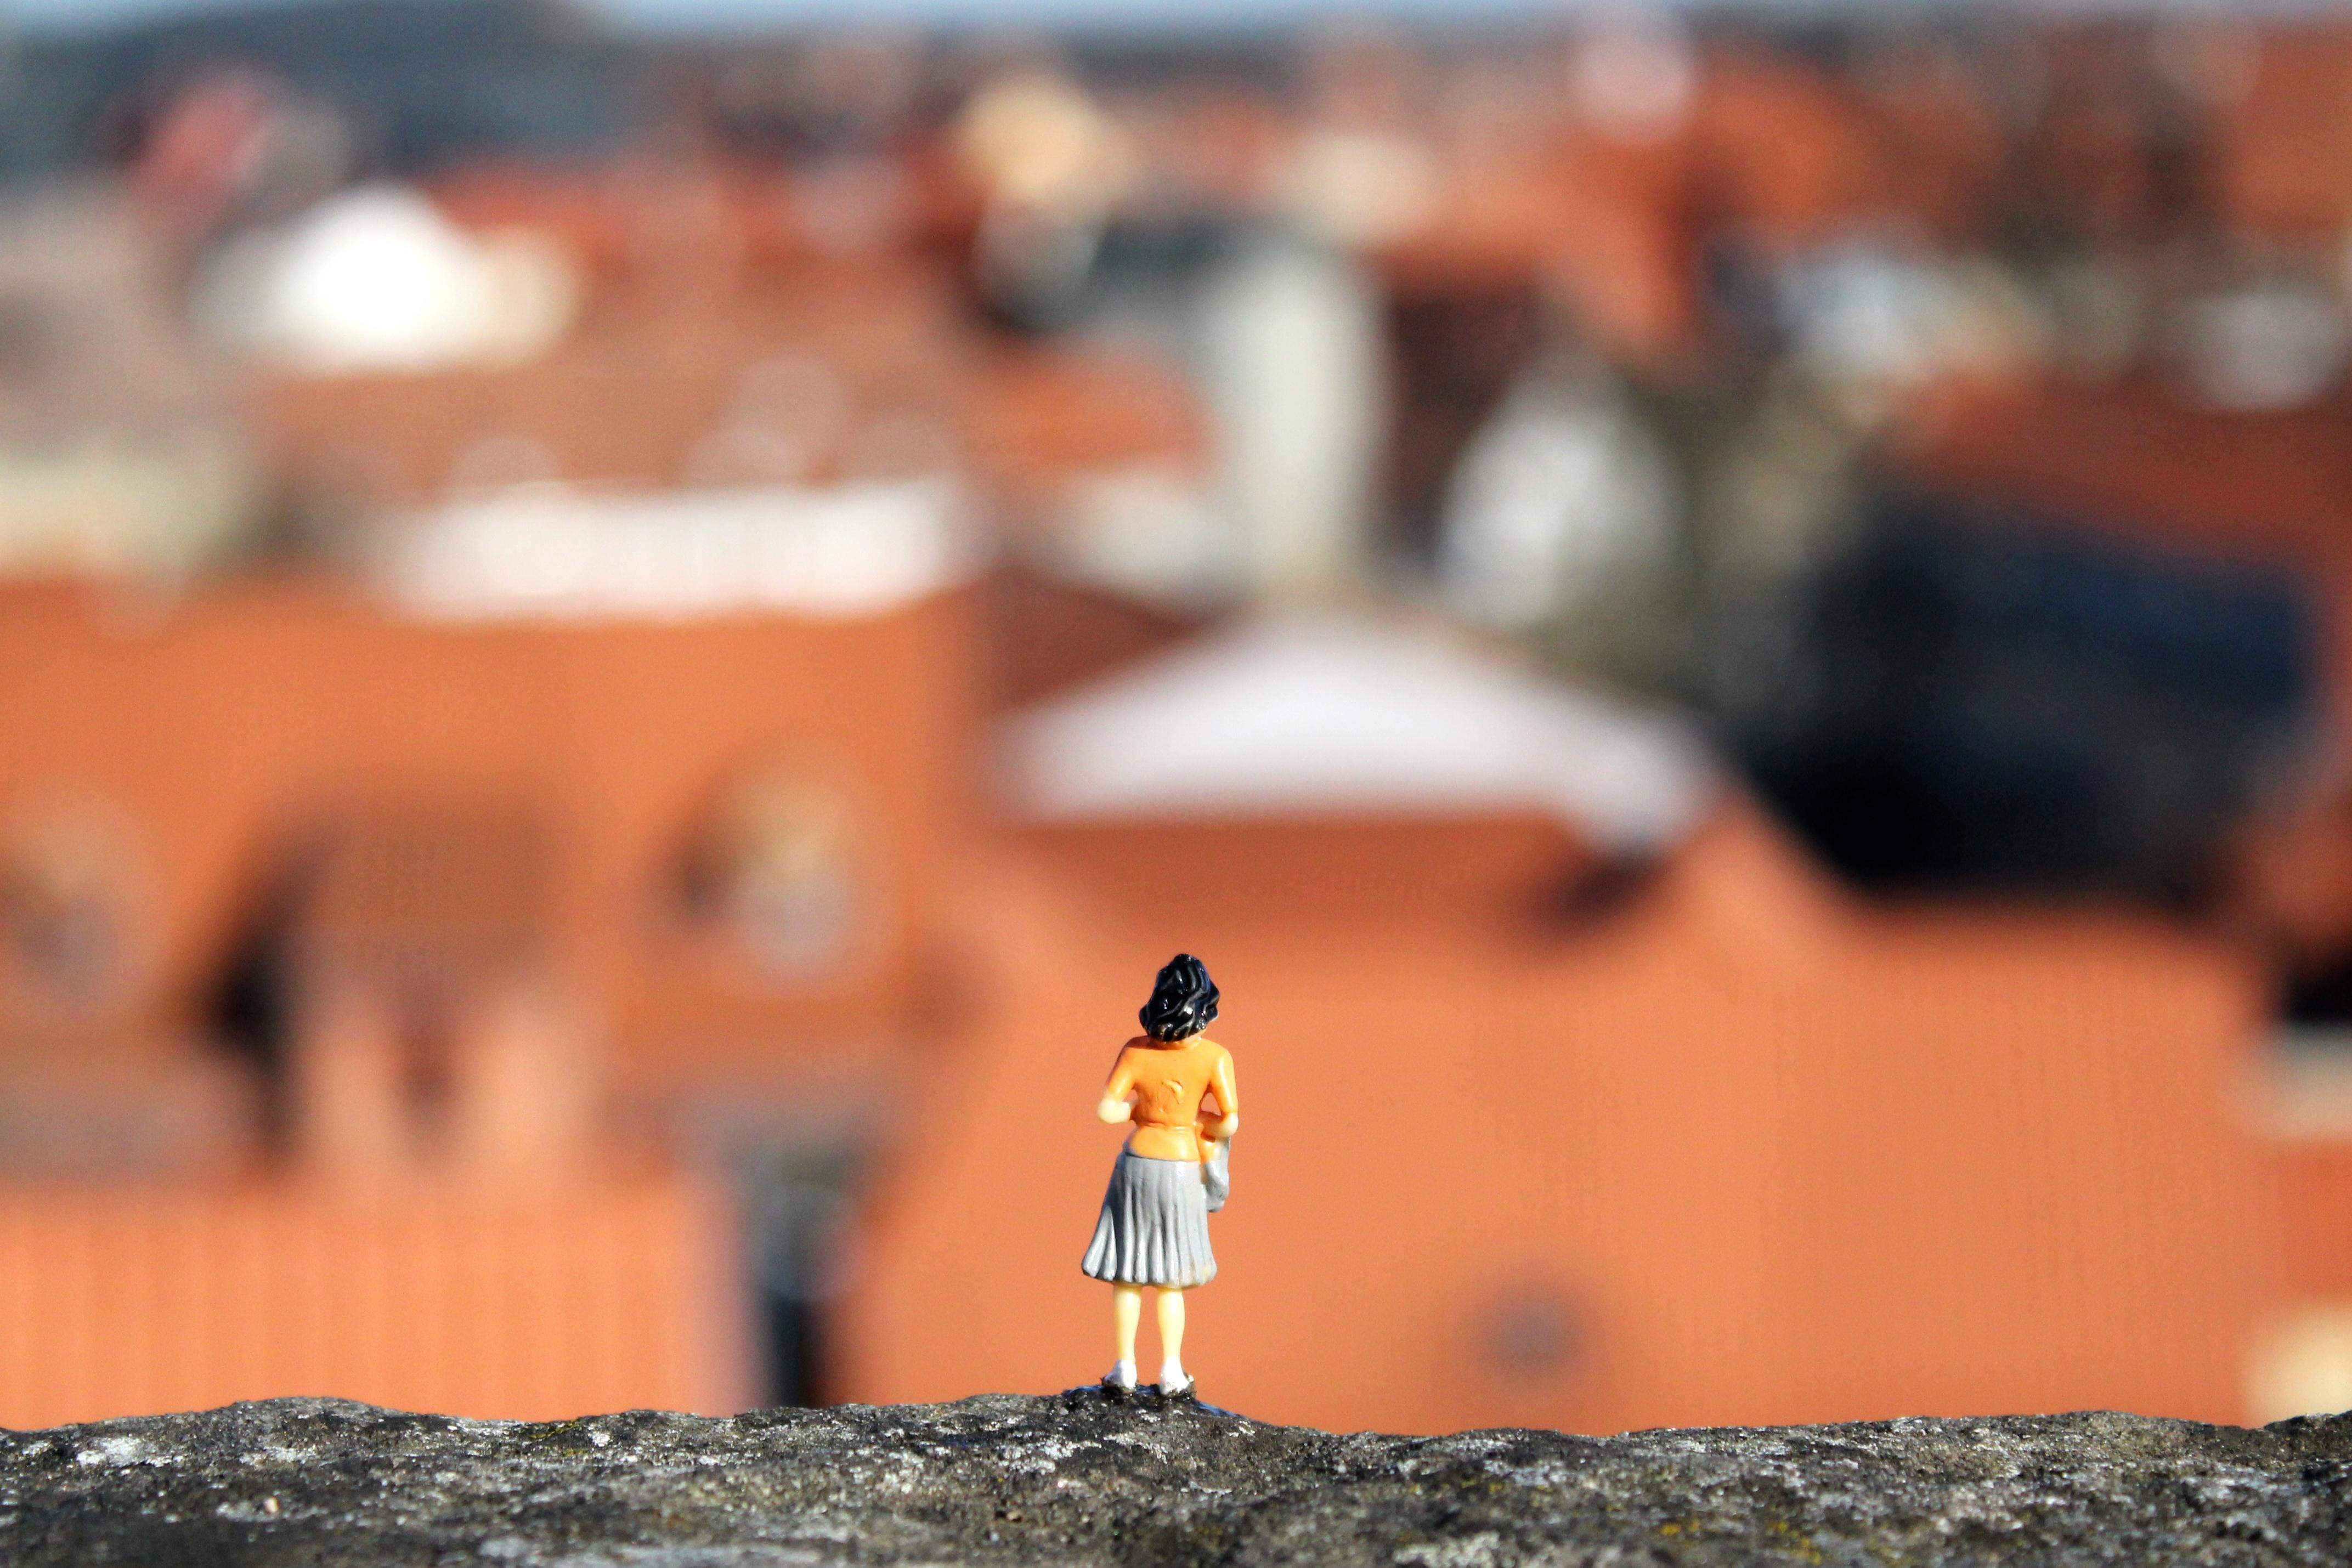 Schlossmauer-Totale